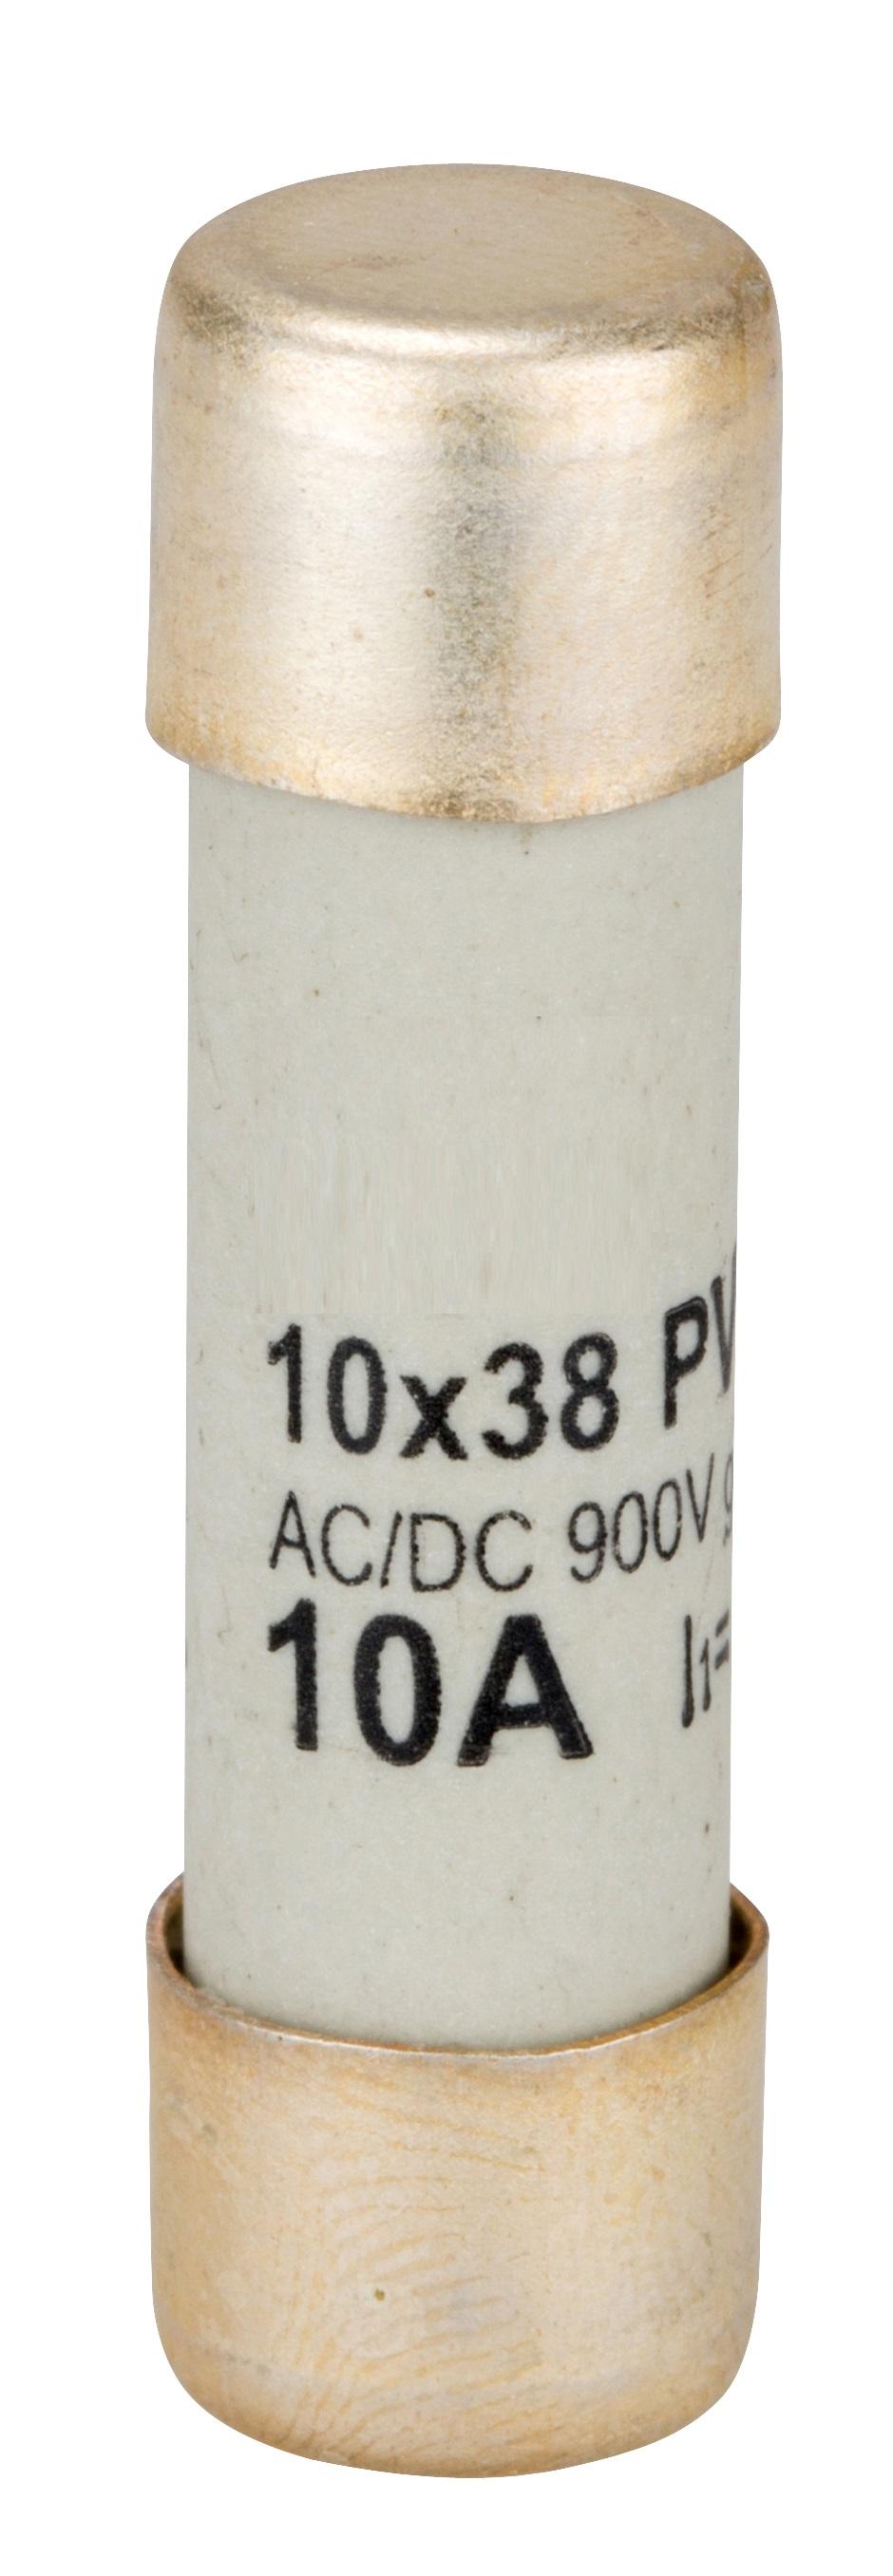 1 Stk Sicherung für Photovoltaik 10 x 38, 900V DC, 10A gR ISV10910--